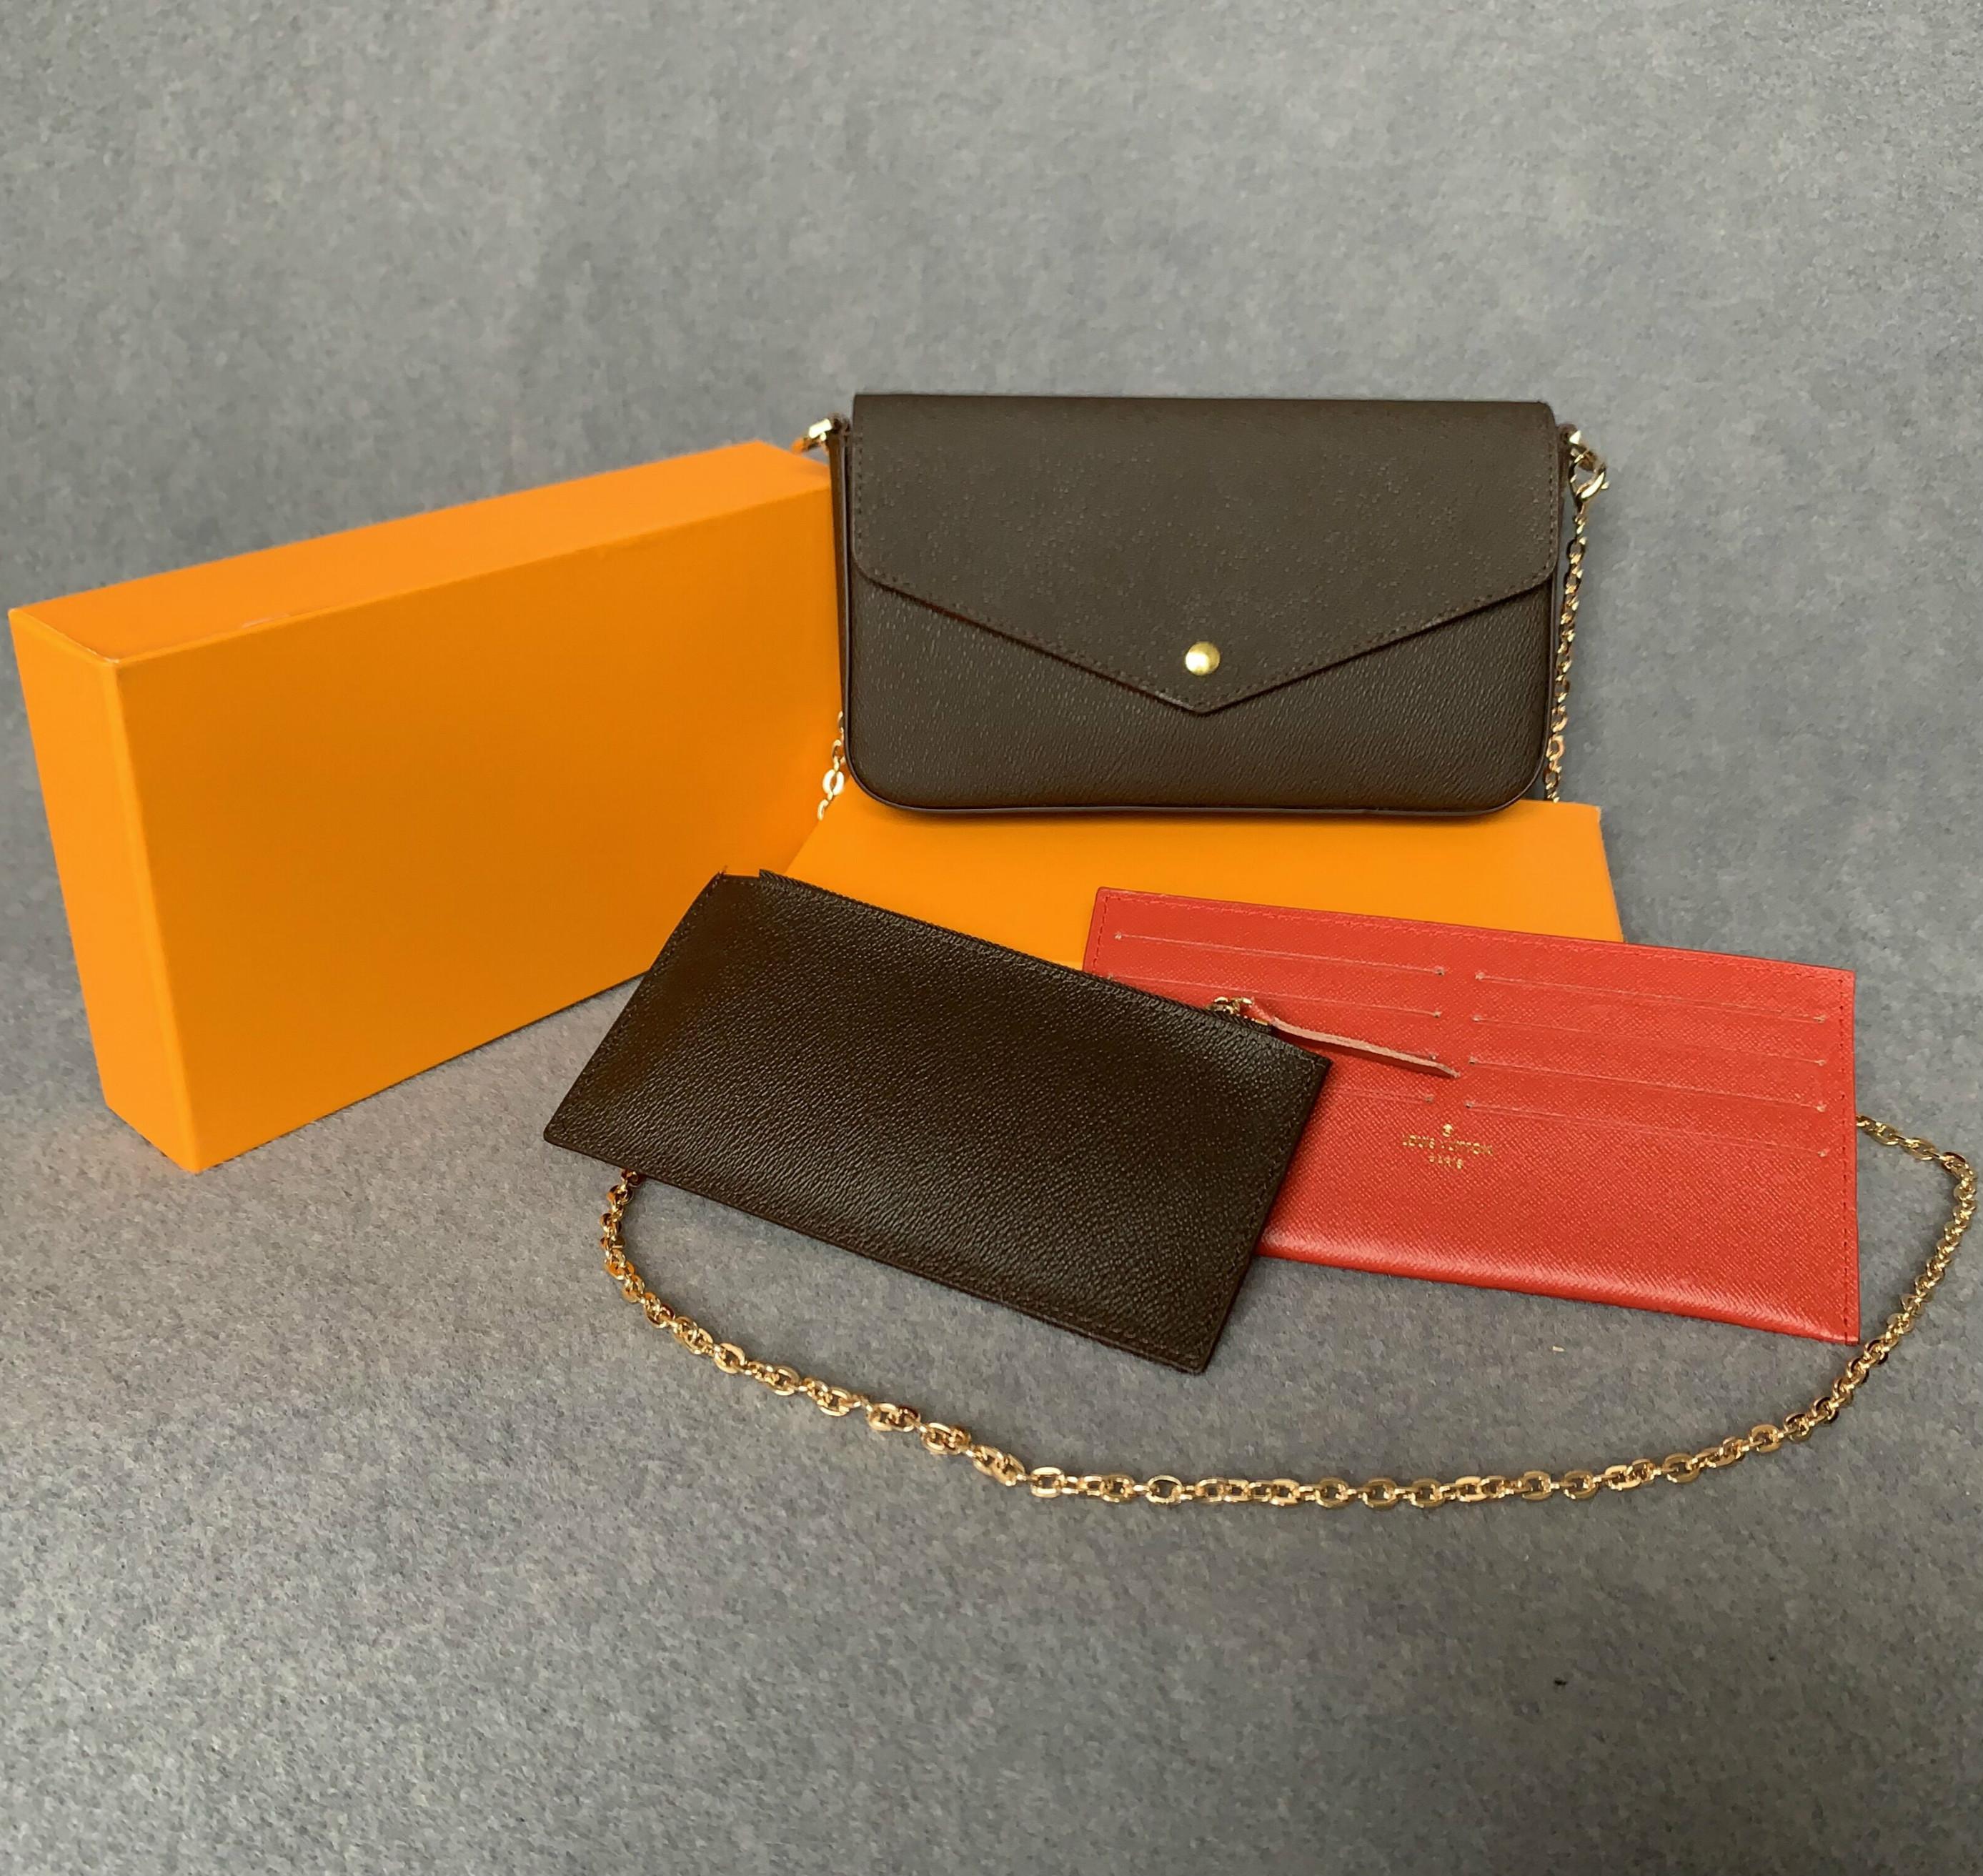 Le nuove borse borse Borse Borse da donna Borse a tracolla di alta qualità Borse combinate a tre pezzi B Size 21 * 11 * 2 cm 61276 con scatola